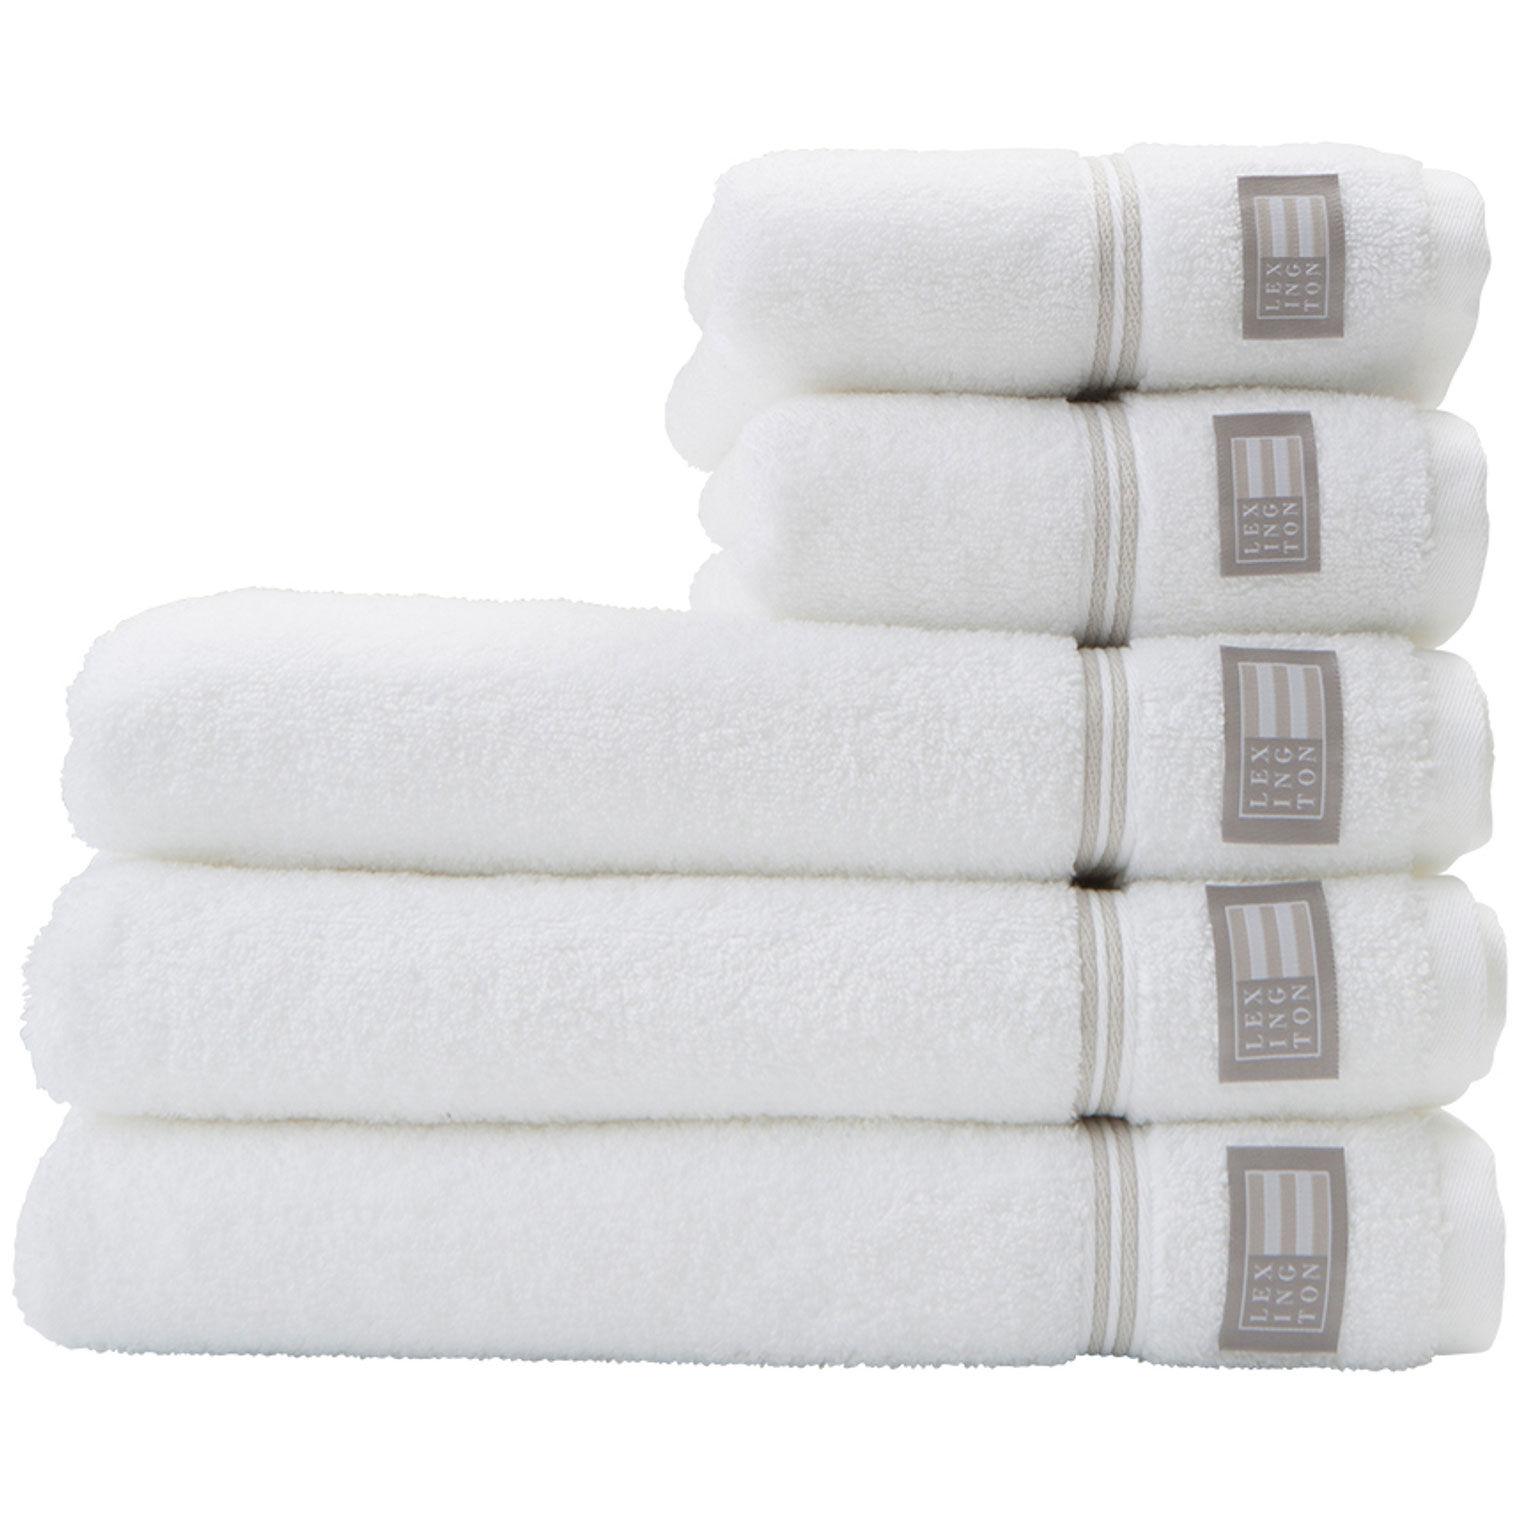 Lexington Hotel Towel 30x50 cm, White/Beige